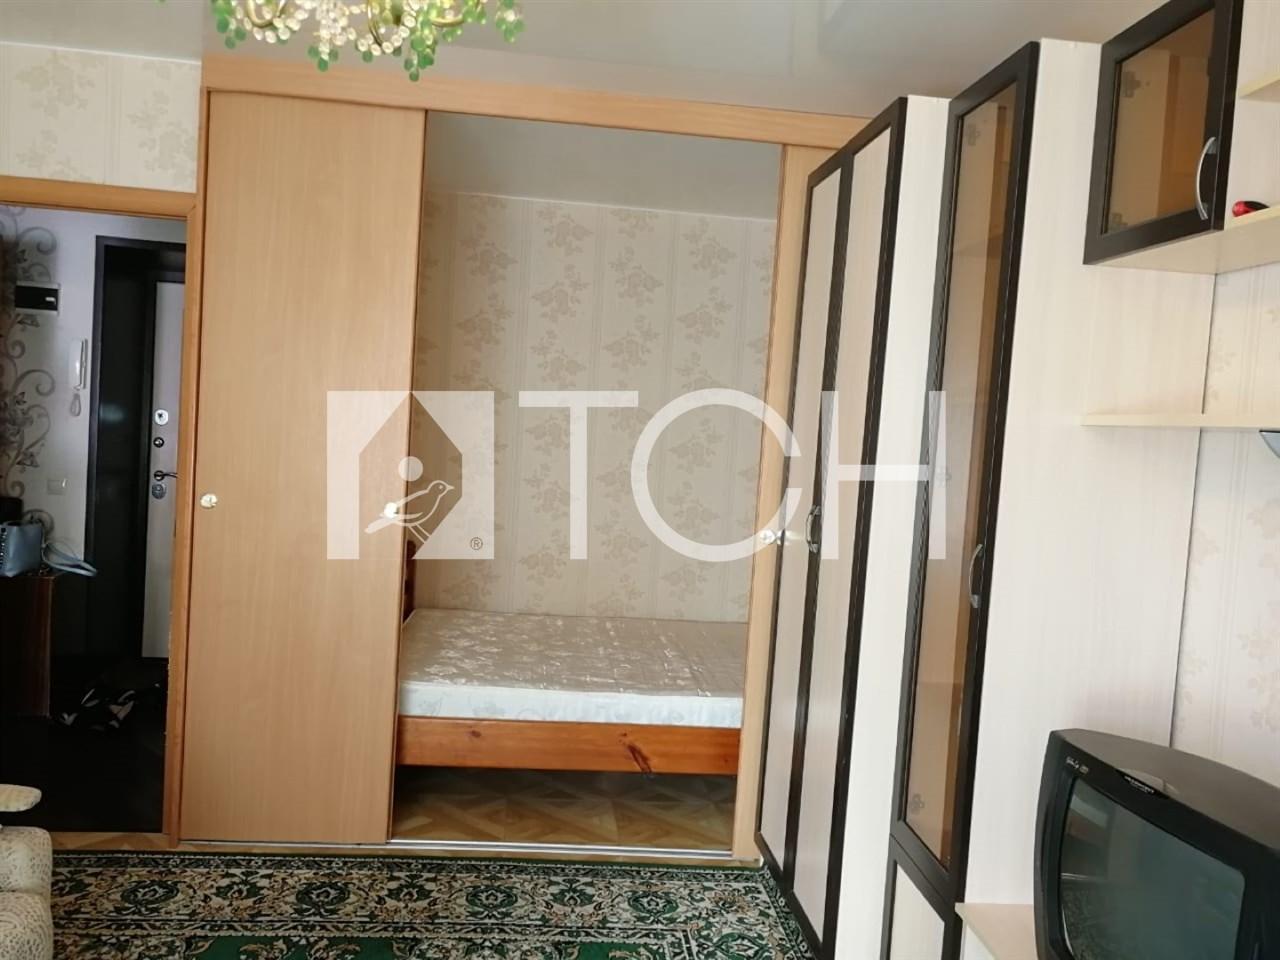 Apartment, 1 room, 35 m2 in Shchyolkovo 89261425000 buy 5